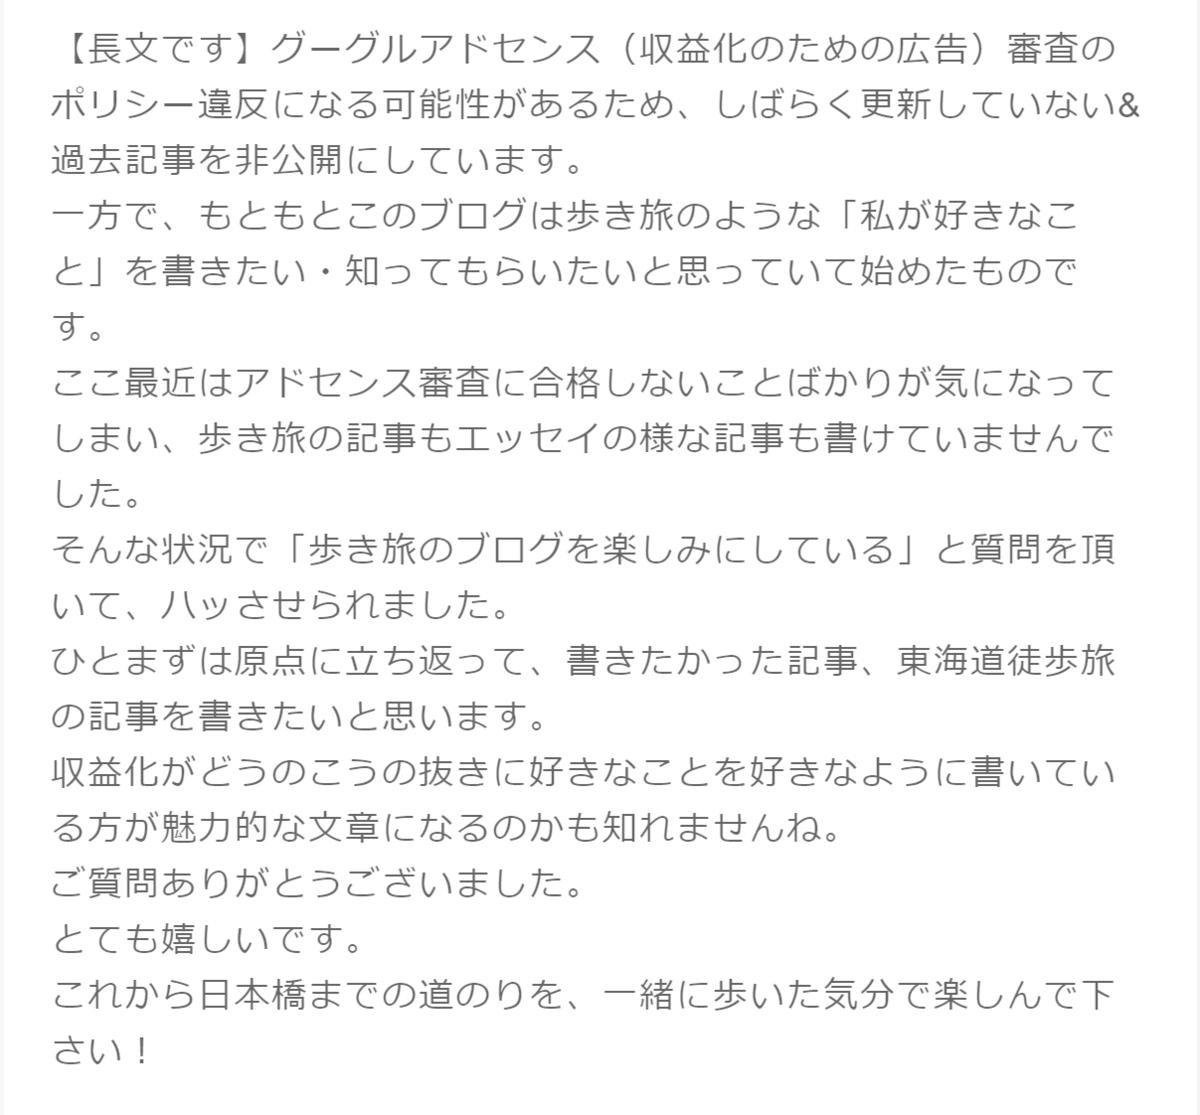 f:id:tebasaki-penguin:20190623004502p:plain